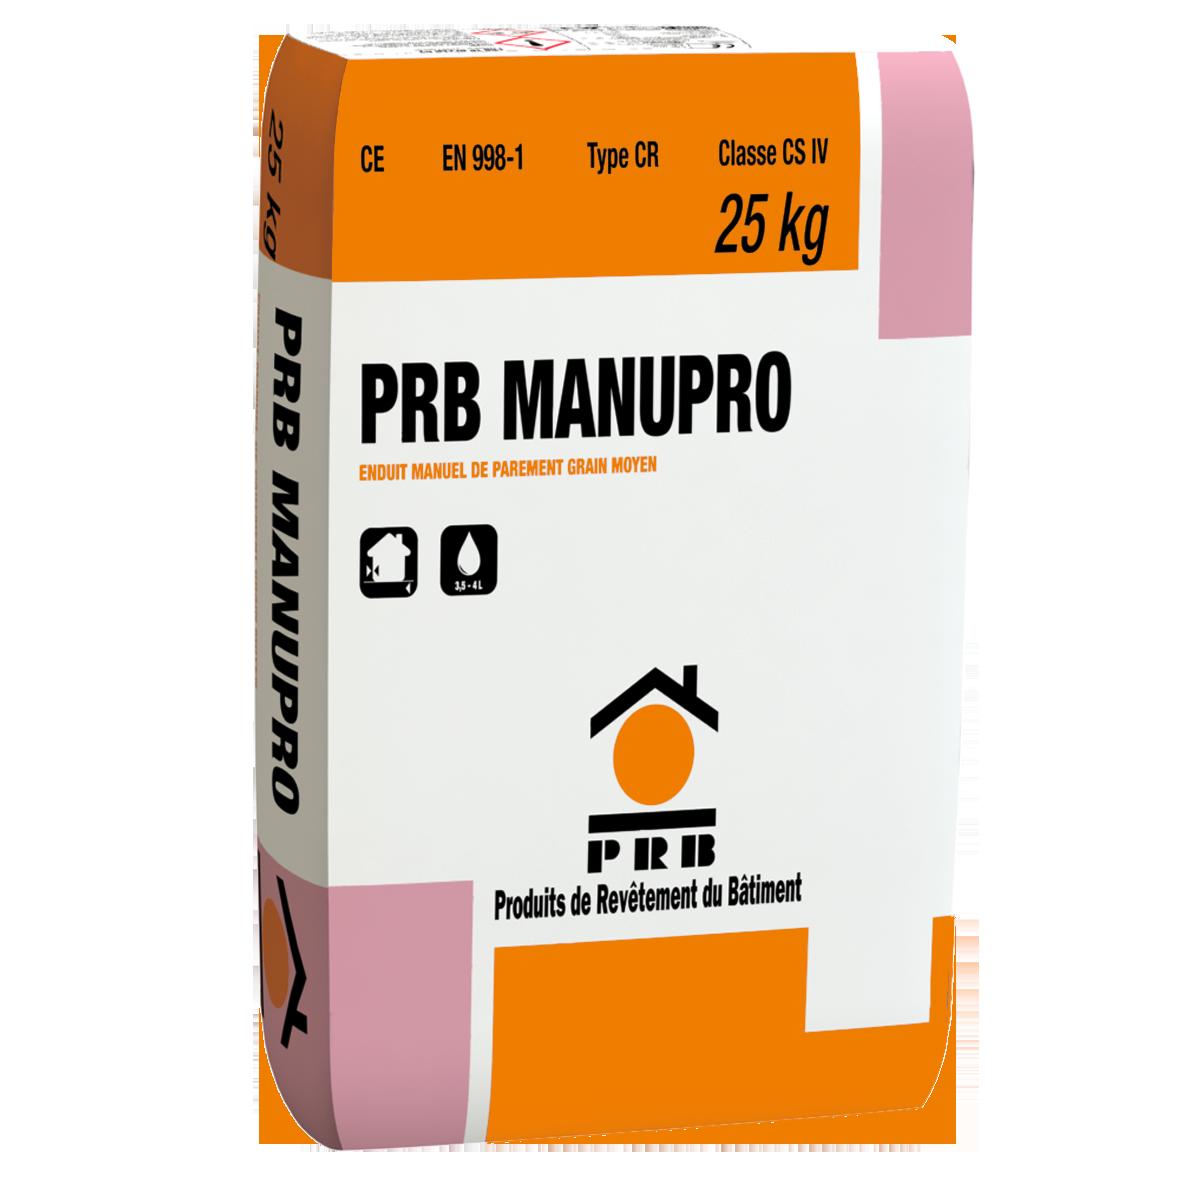 PRB MANUPRO 25 KG